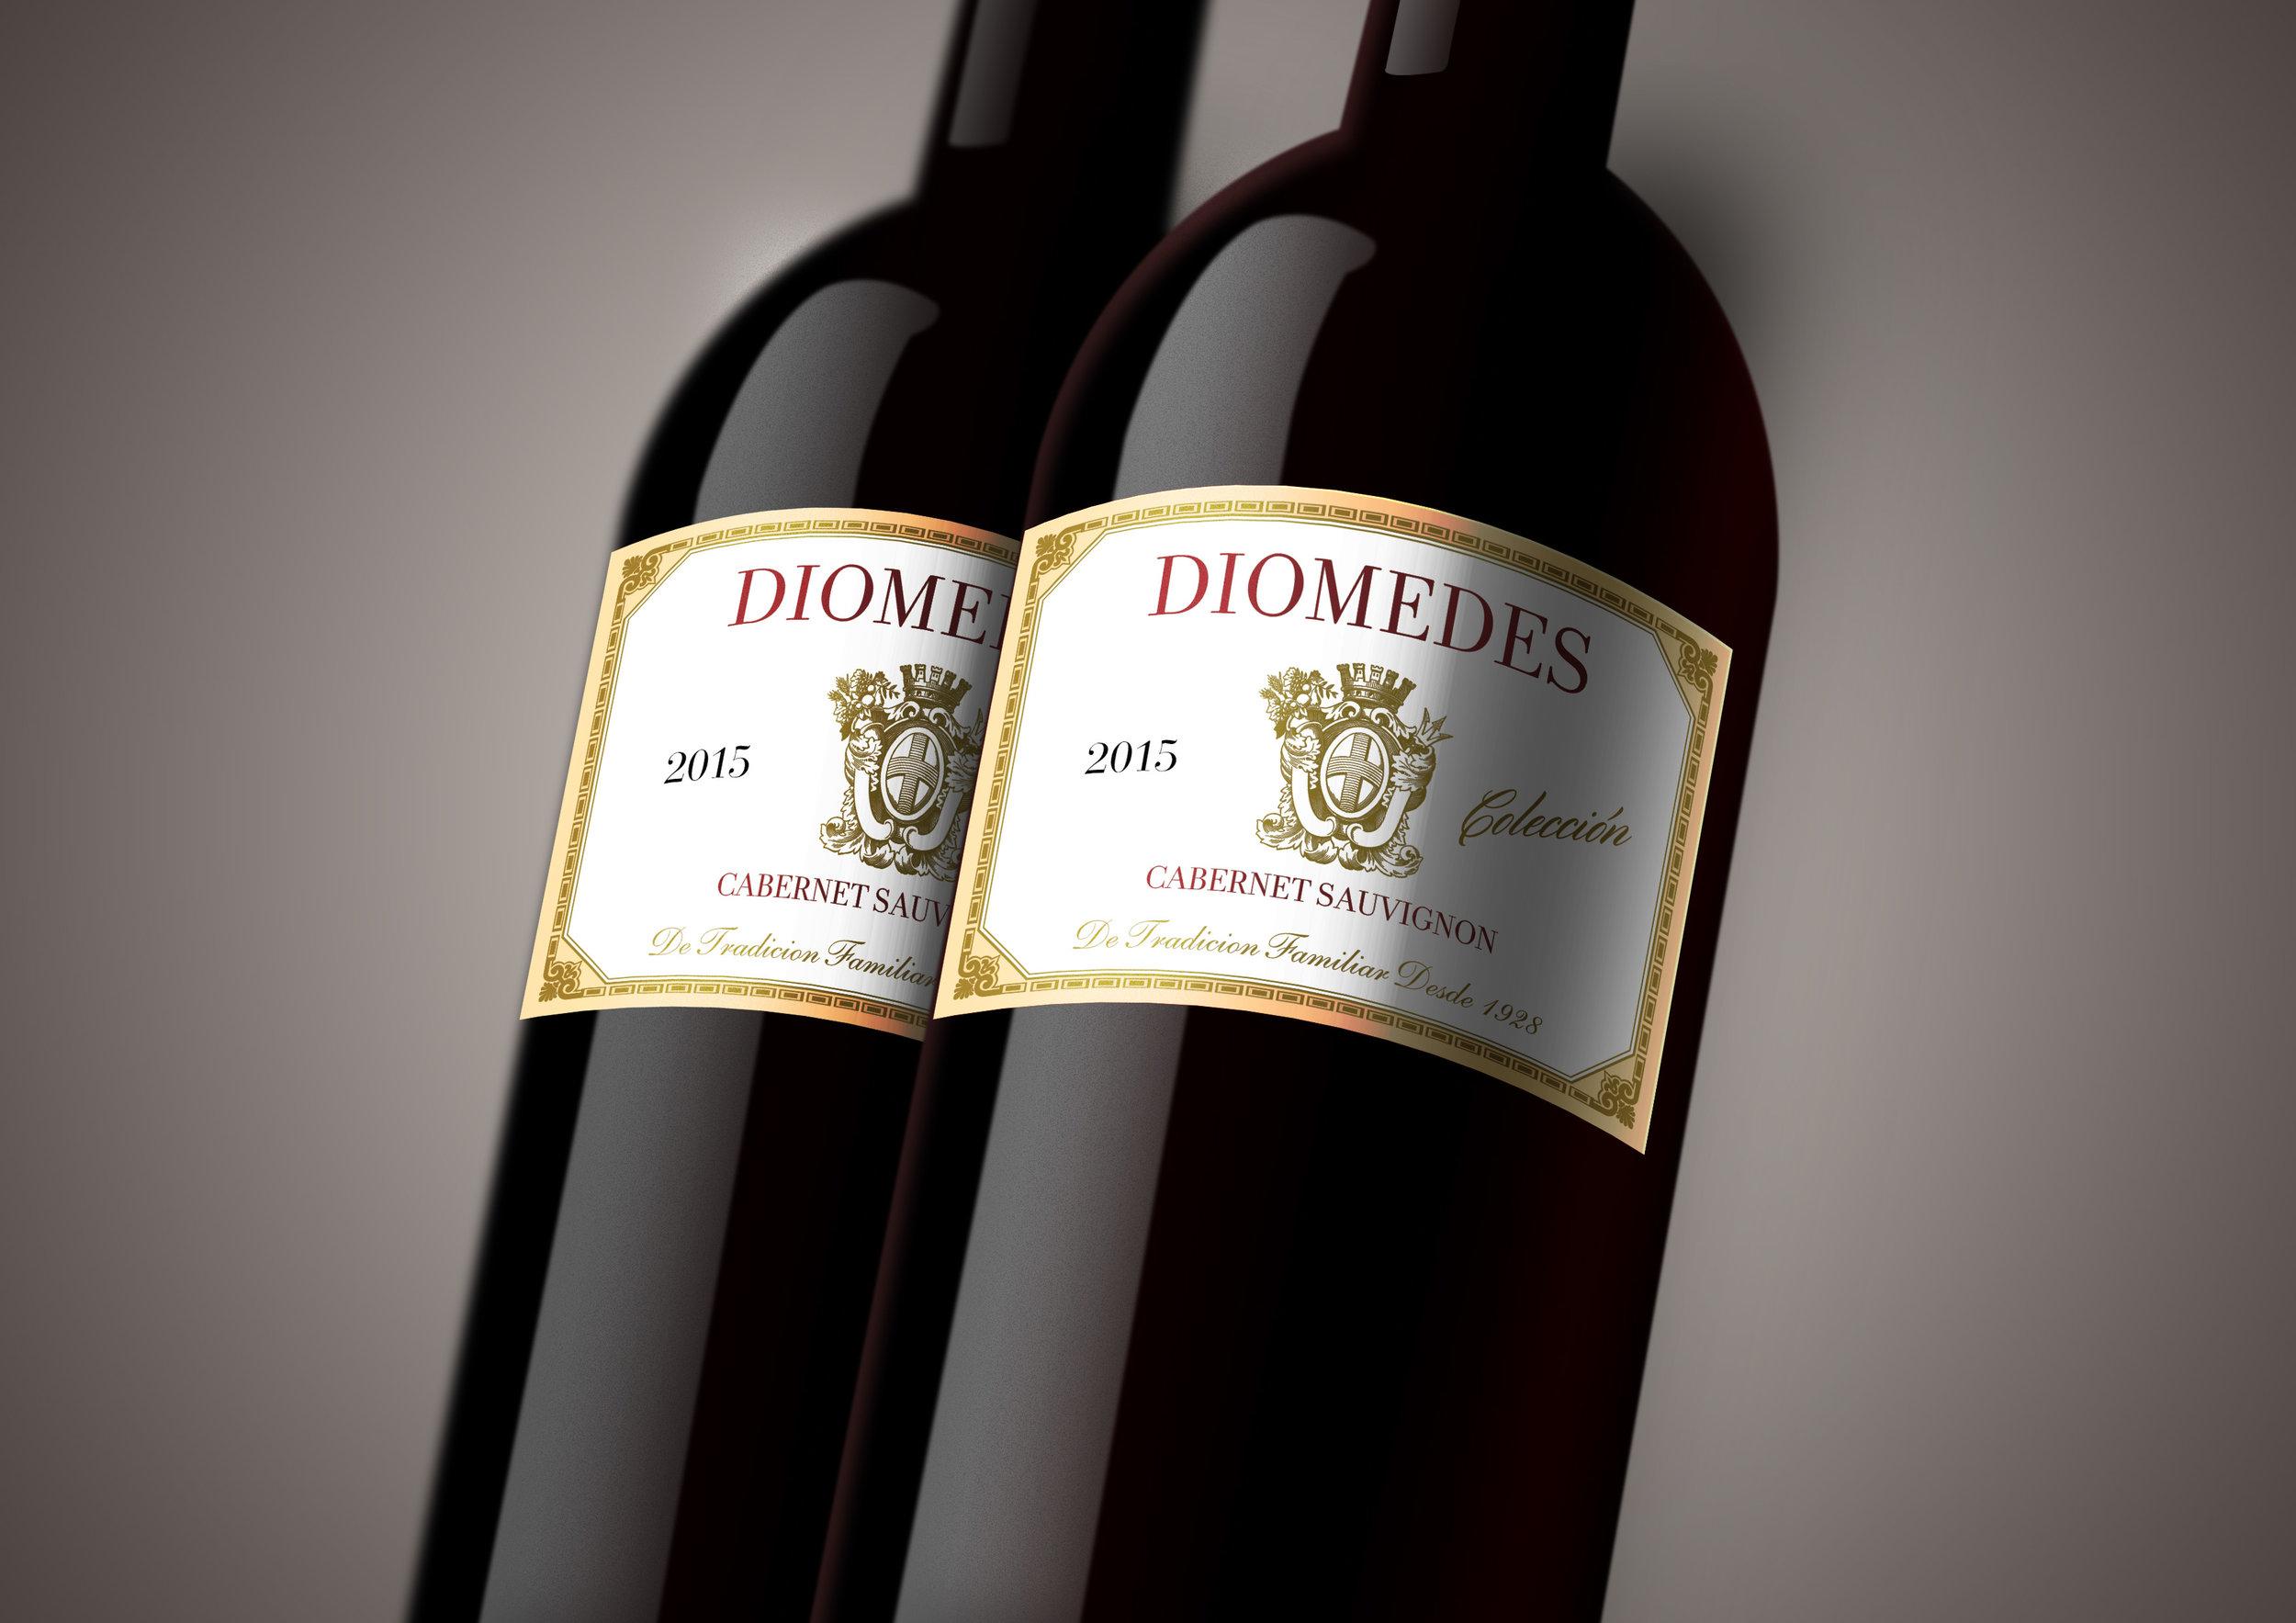 2 Bottle Mock Up Diomedes.jpg